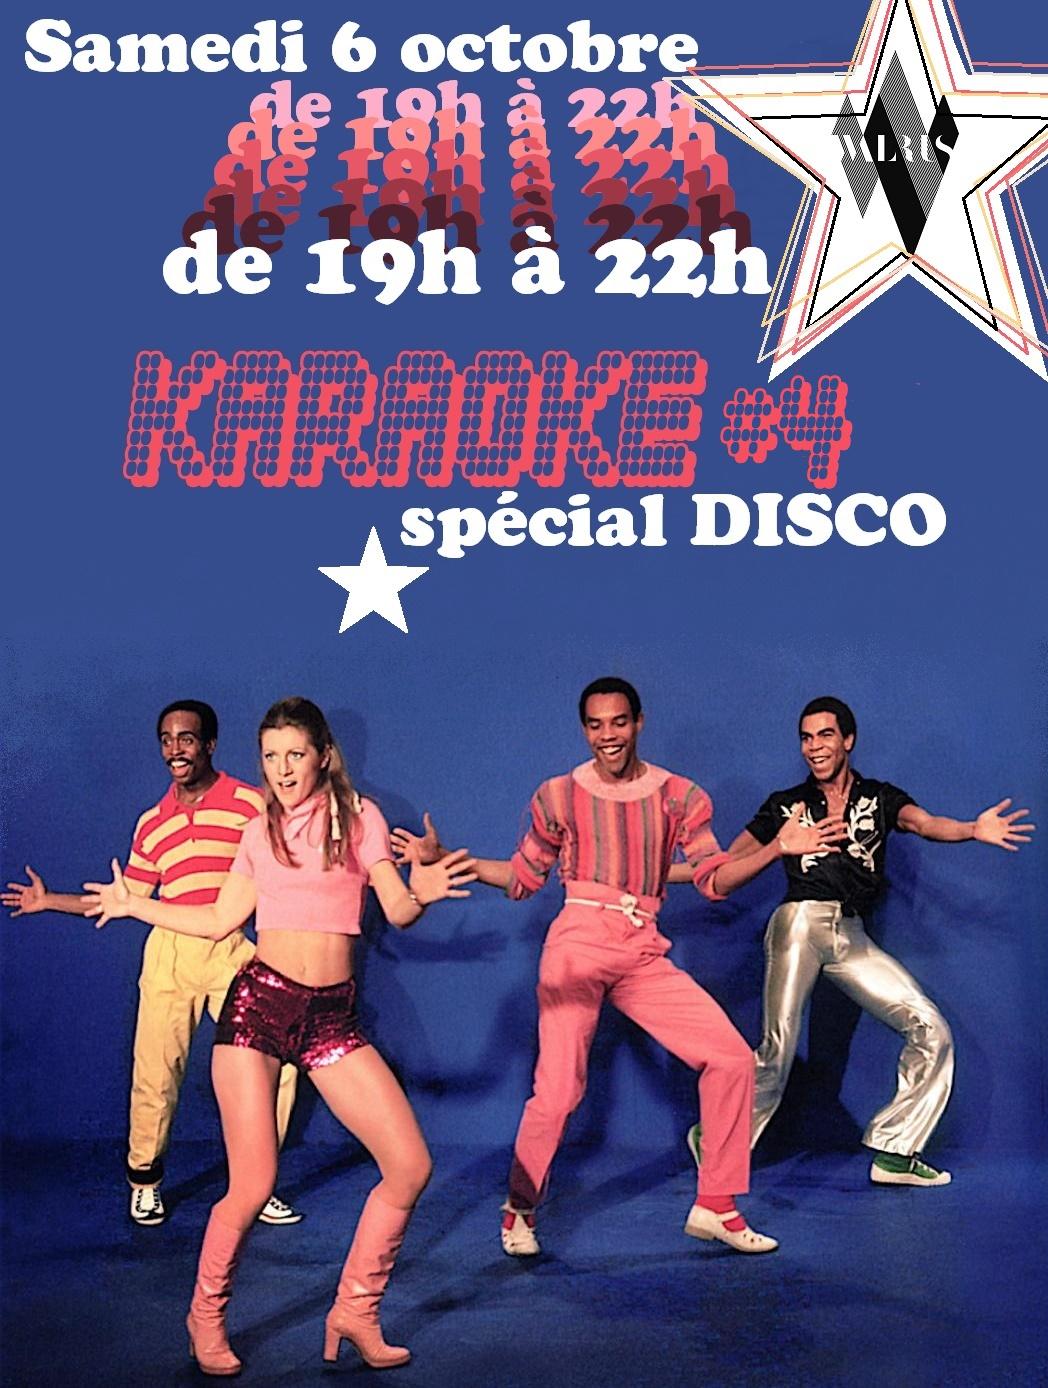 Karaoké #4 spécial Disco